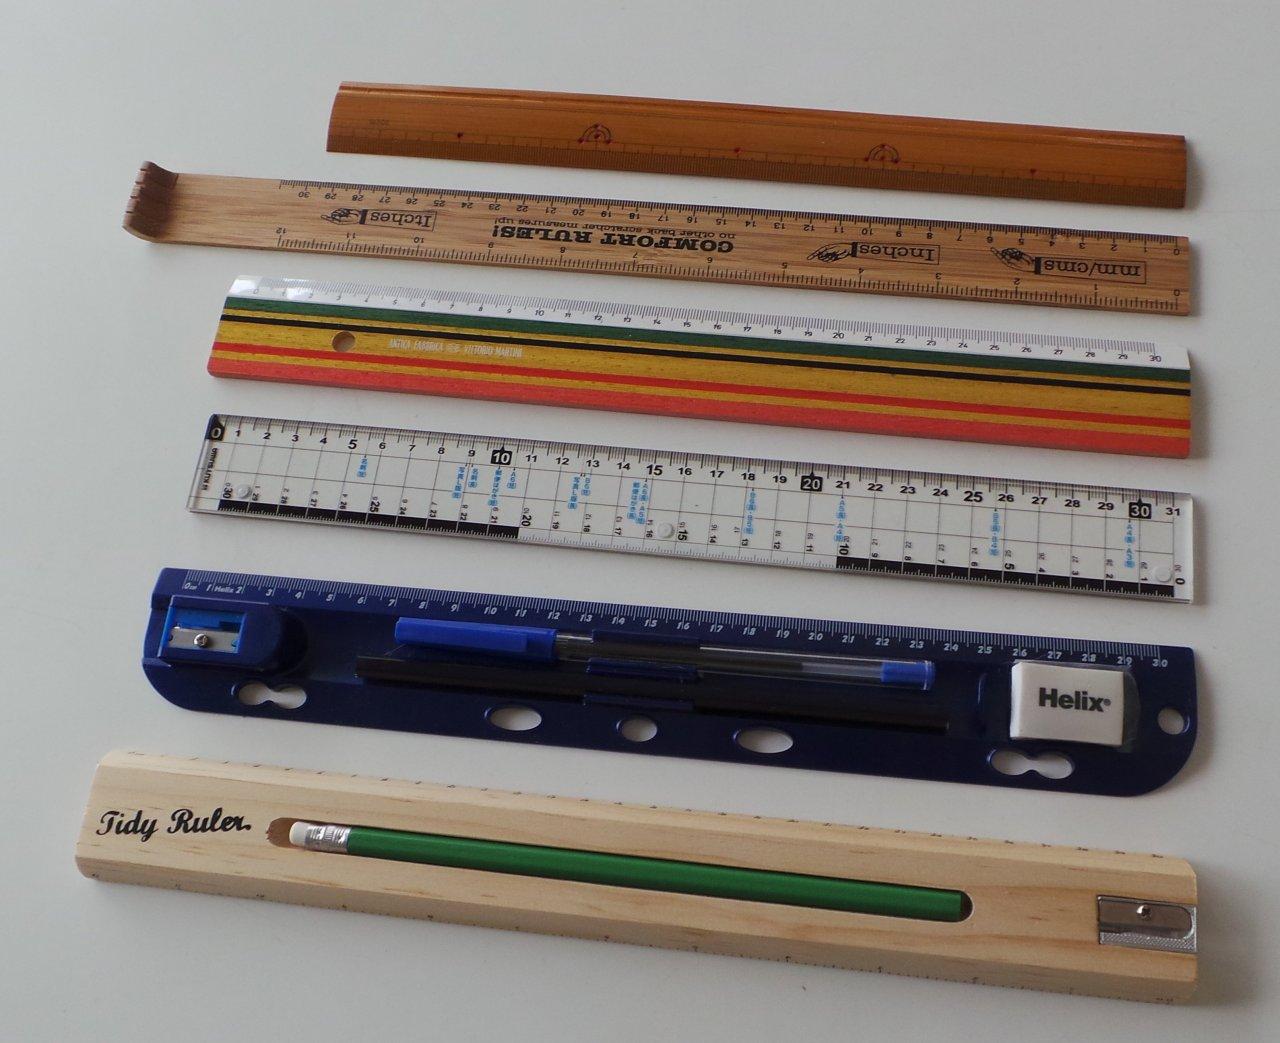 定規も文具の中では伝統的で定番の道具だが、やはり筆記具との組み合わせ利用が普通だ